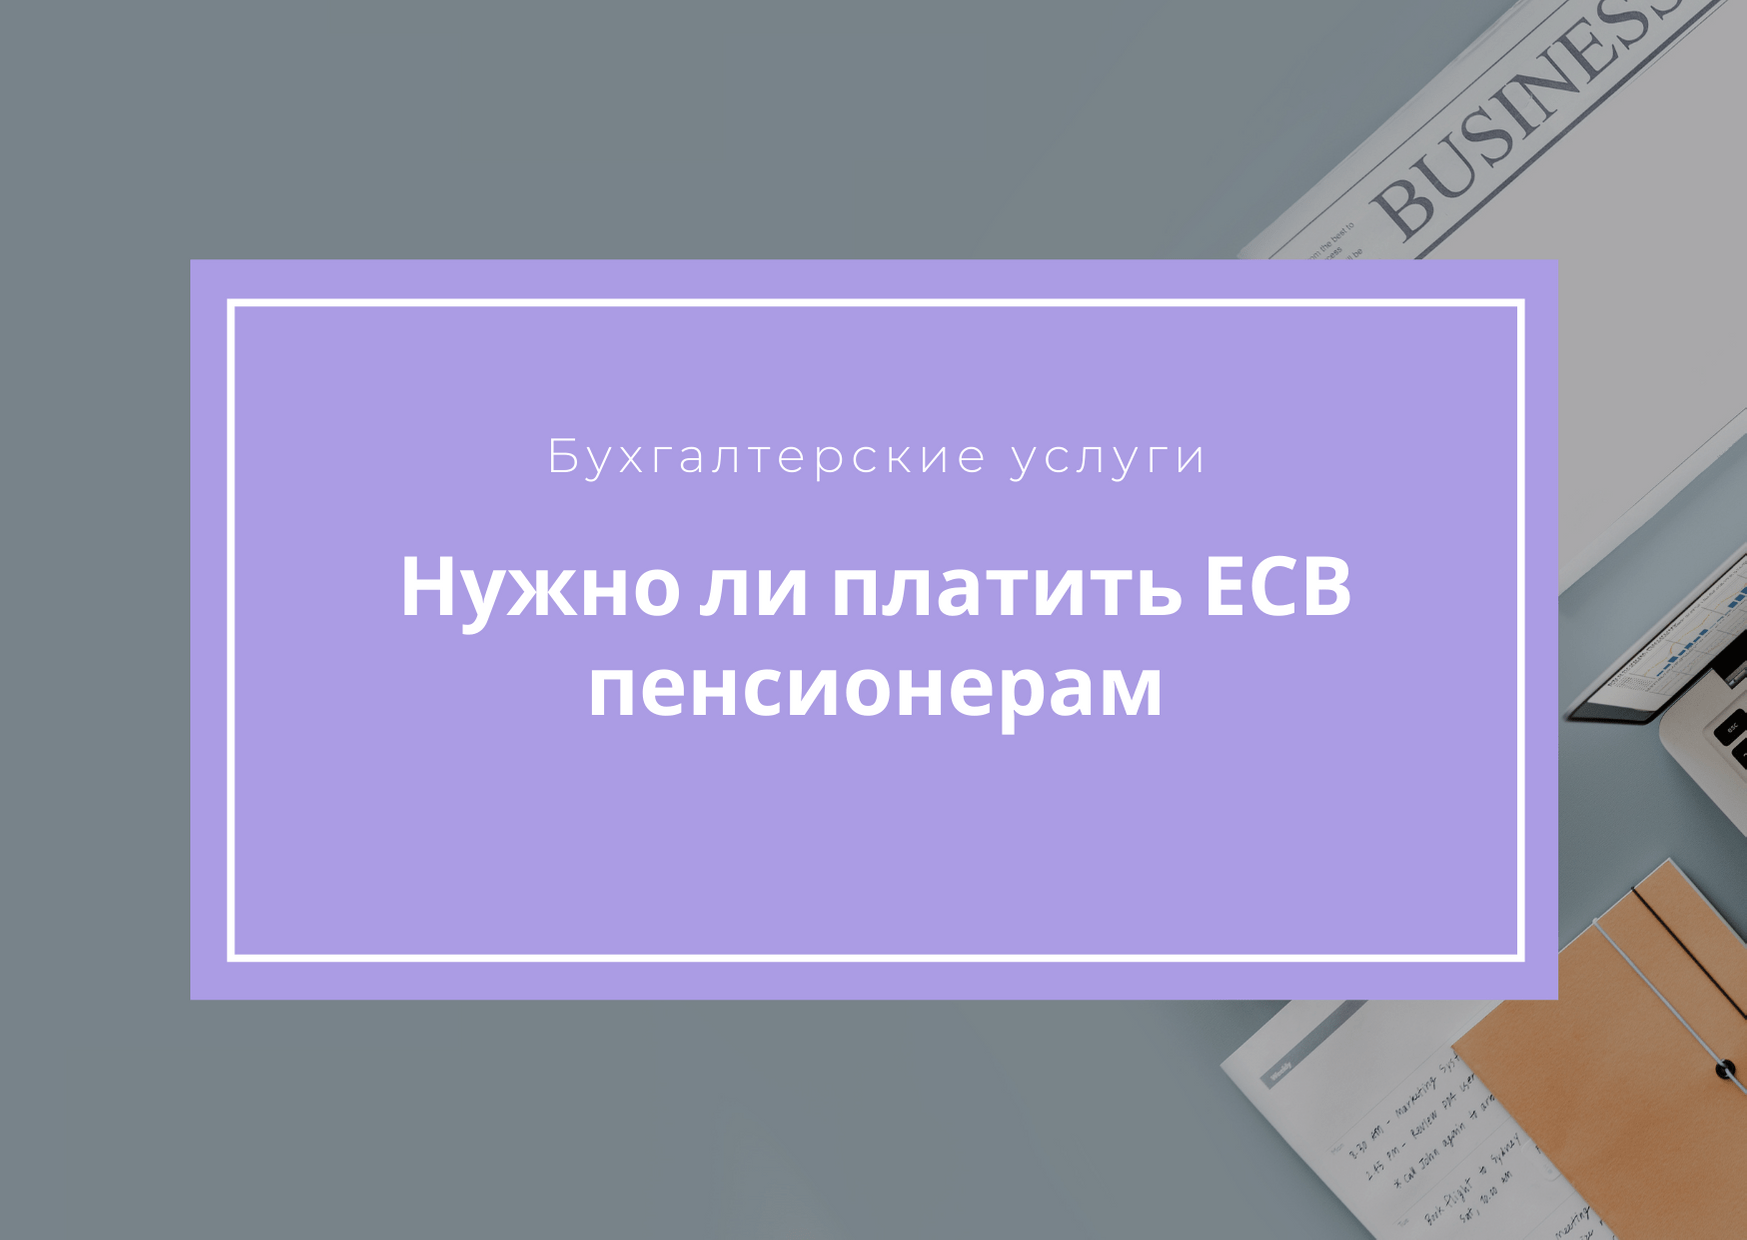 Платят ли ЕСВ пенсионеры в Украине